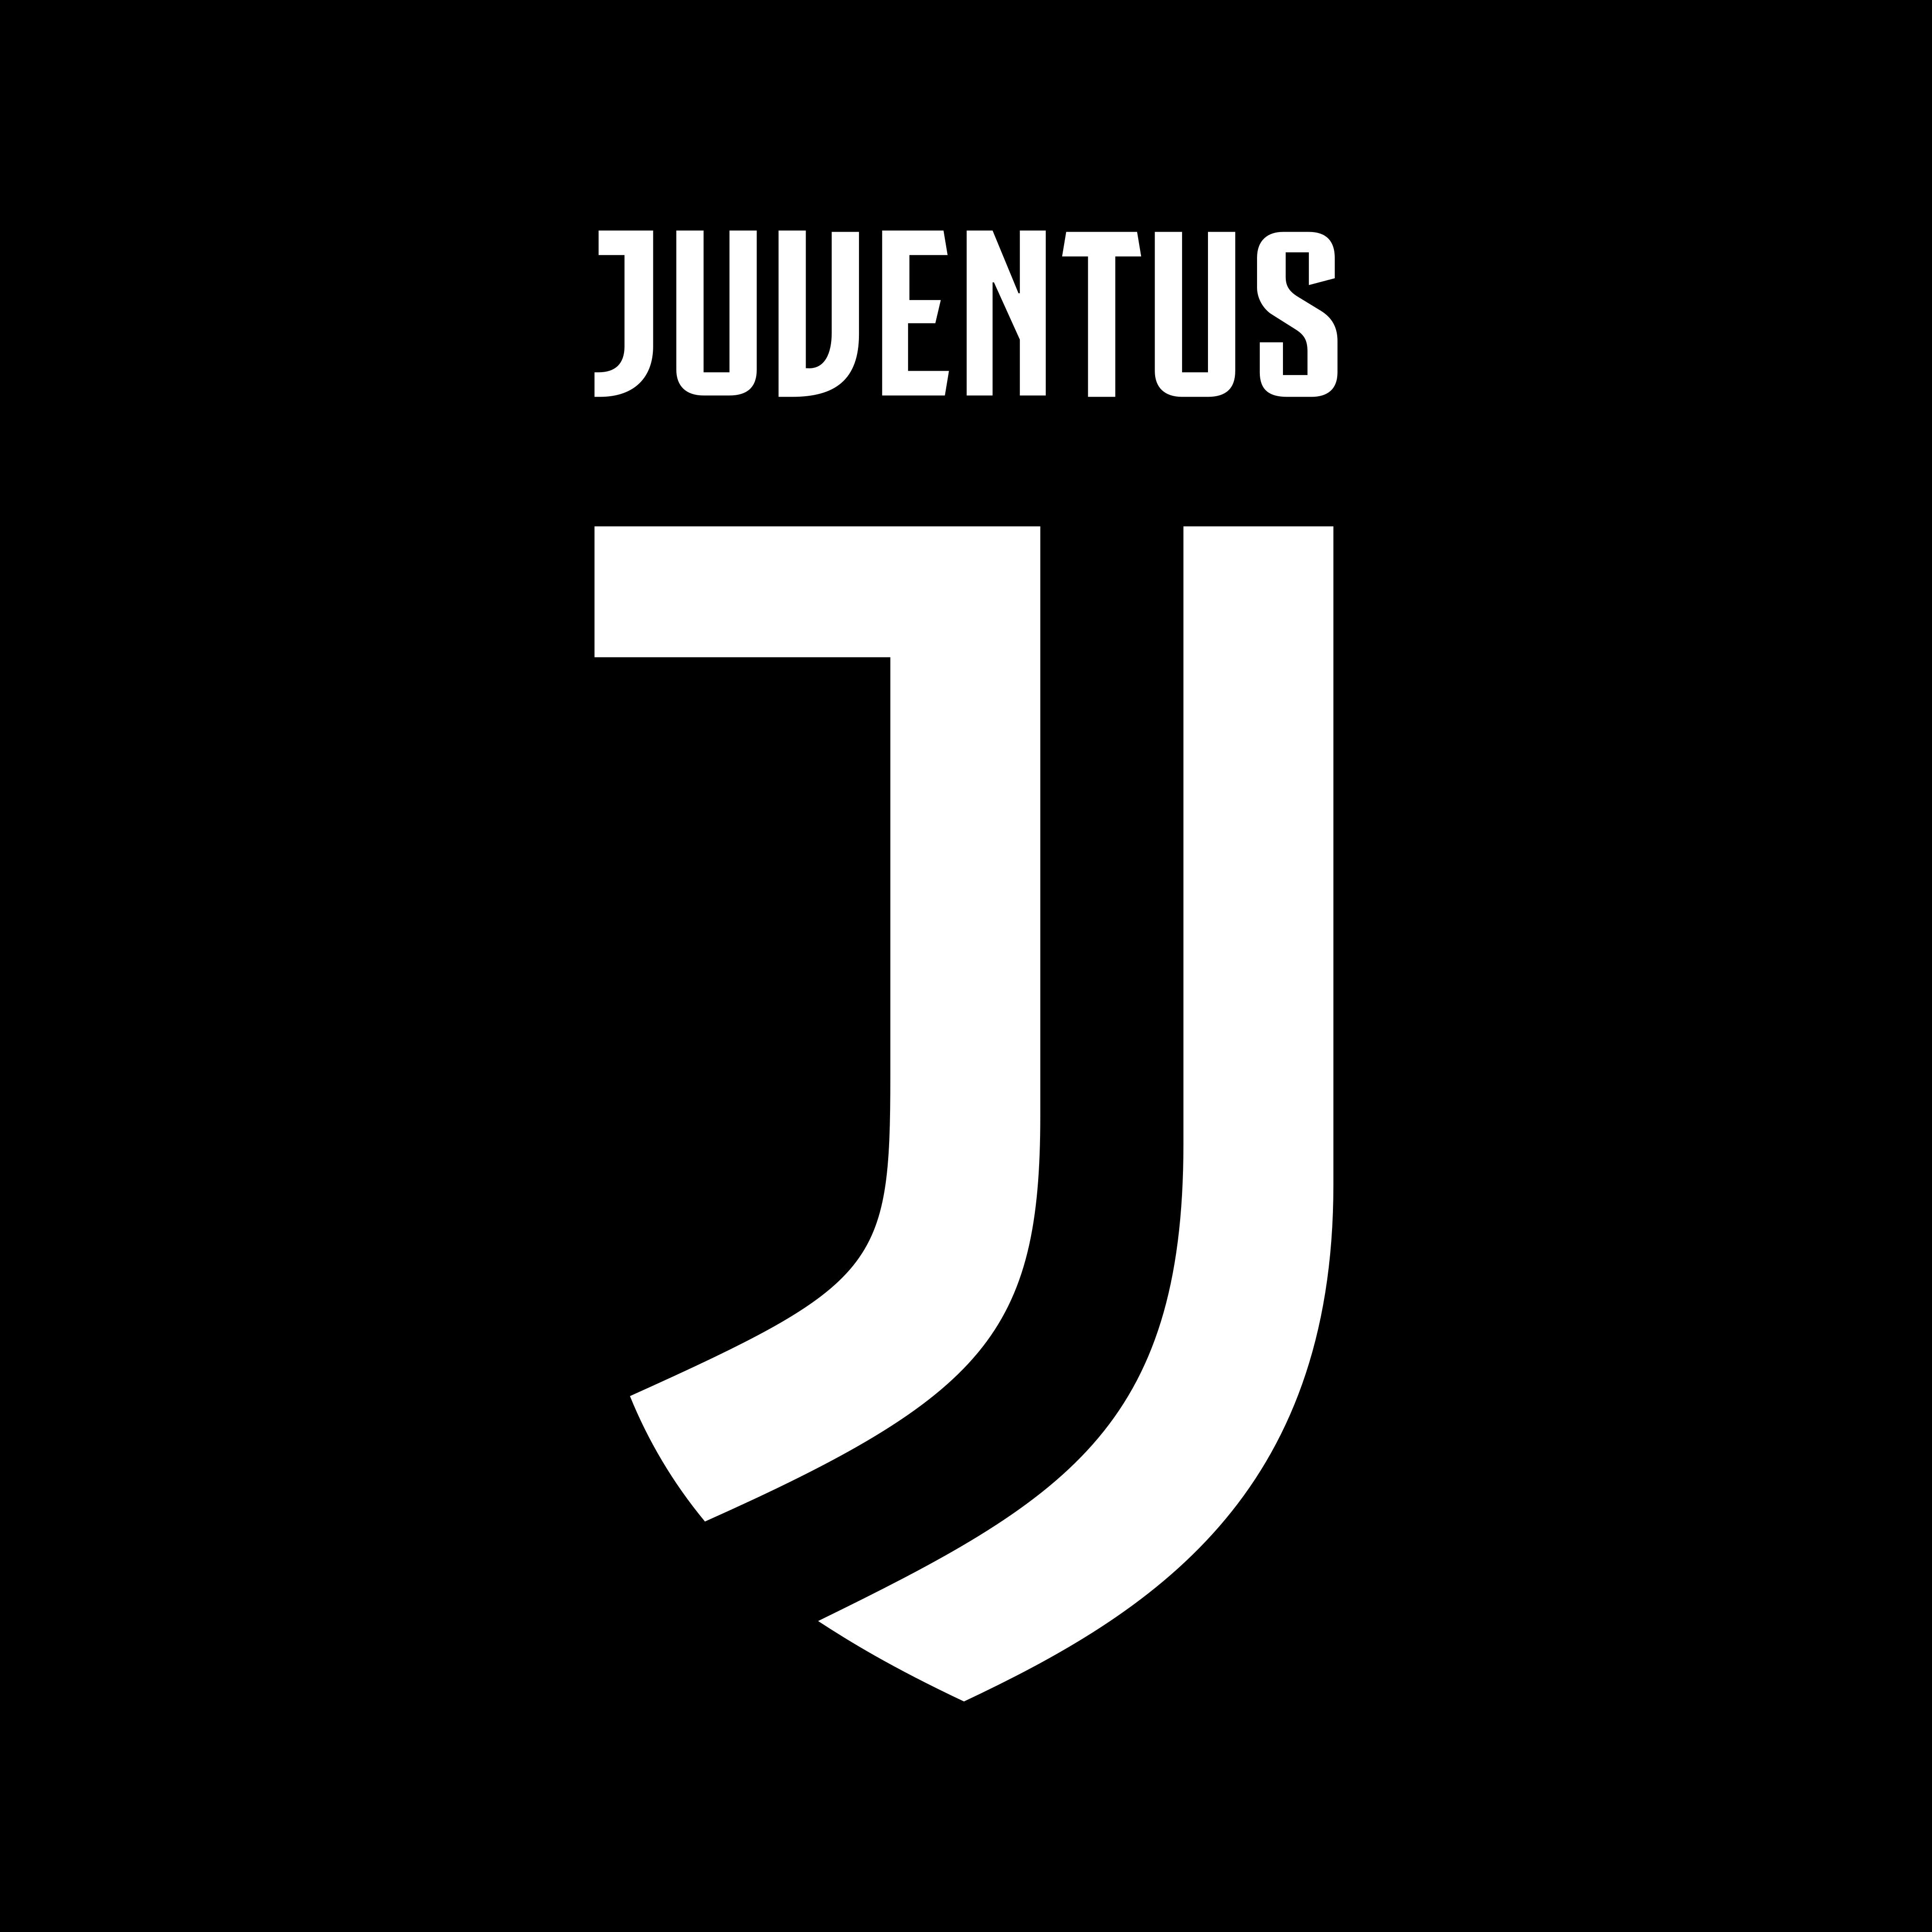 juventus logo 1 - Juventus Logo - Escudo